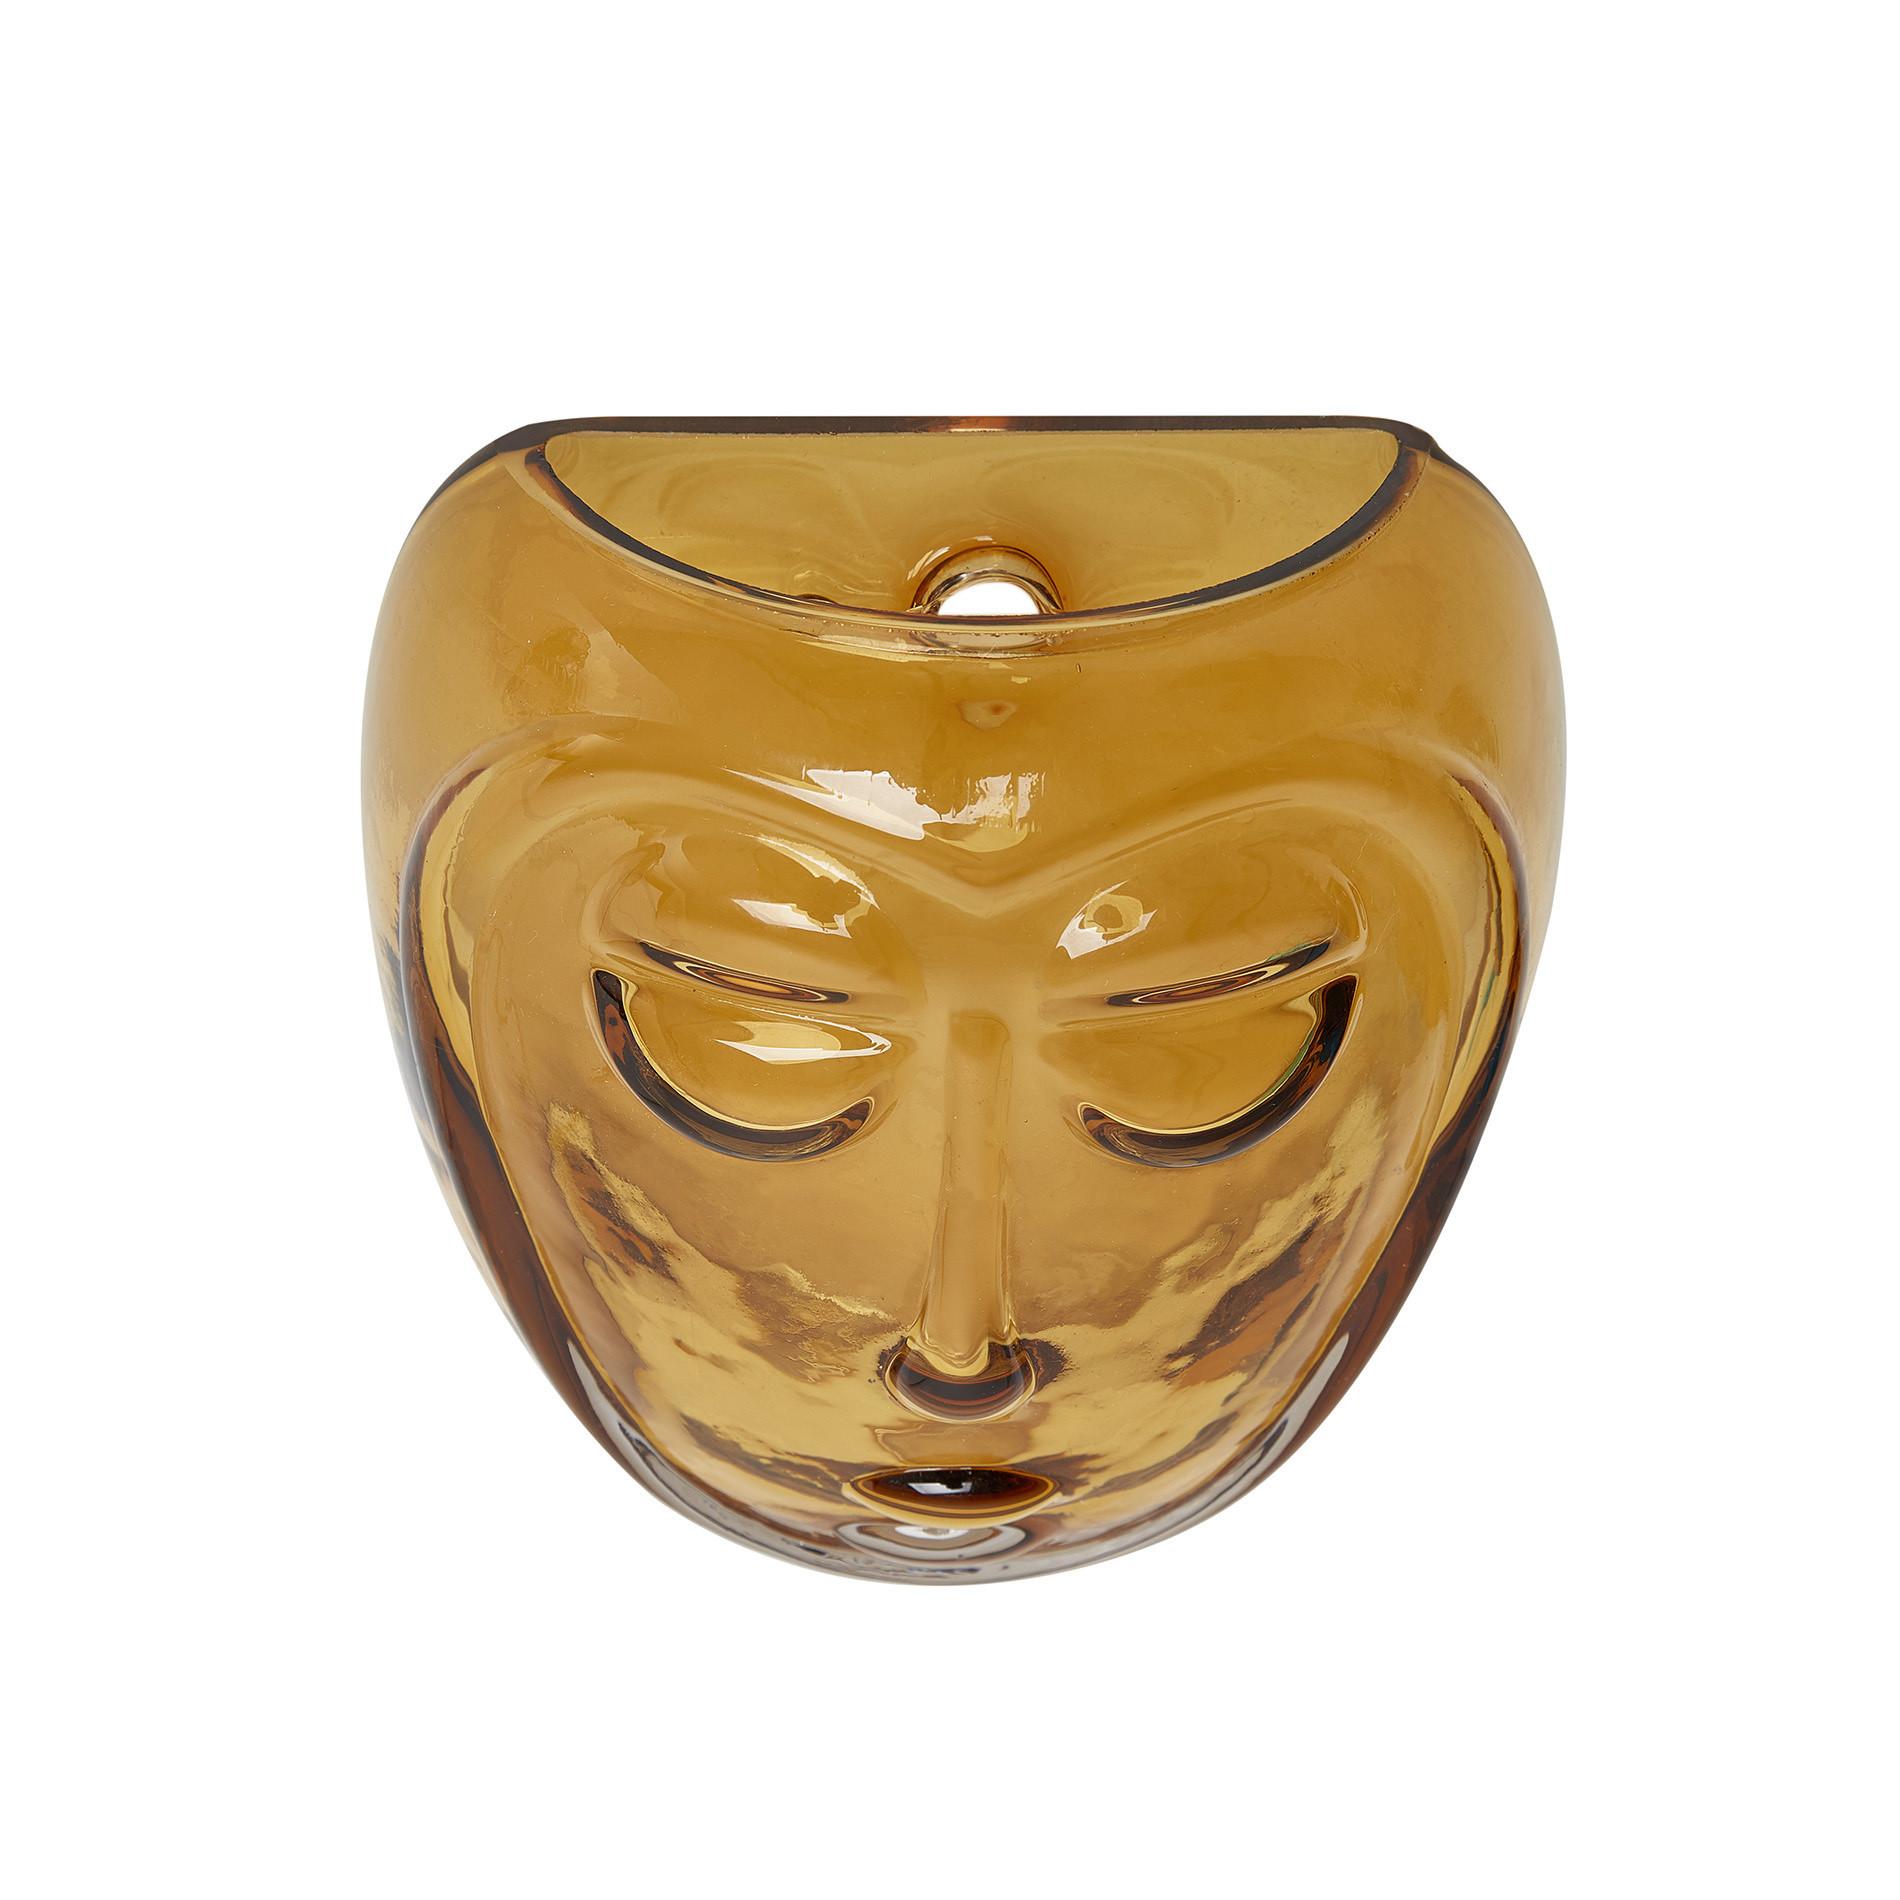 Maschera decorativa vetro colorato in pasta, Trasparente, large image number 0